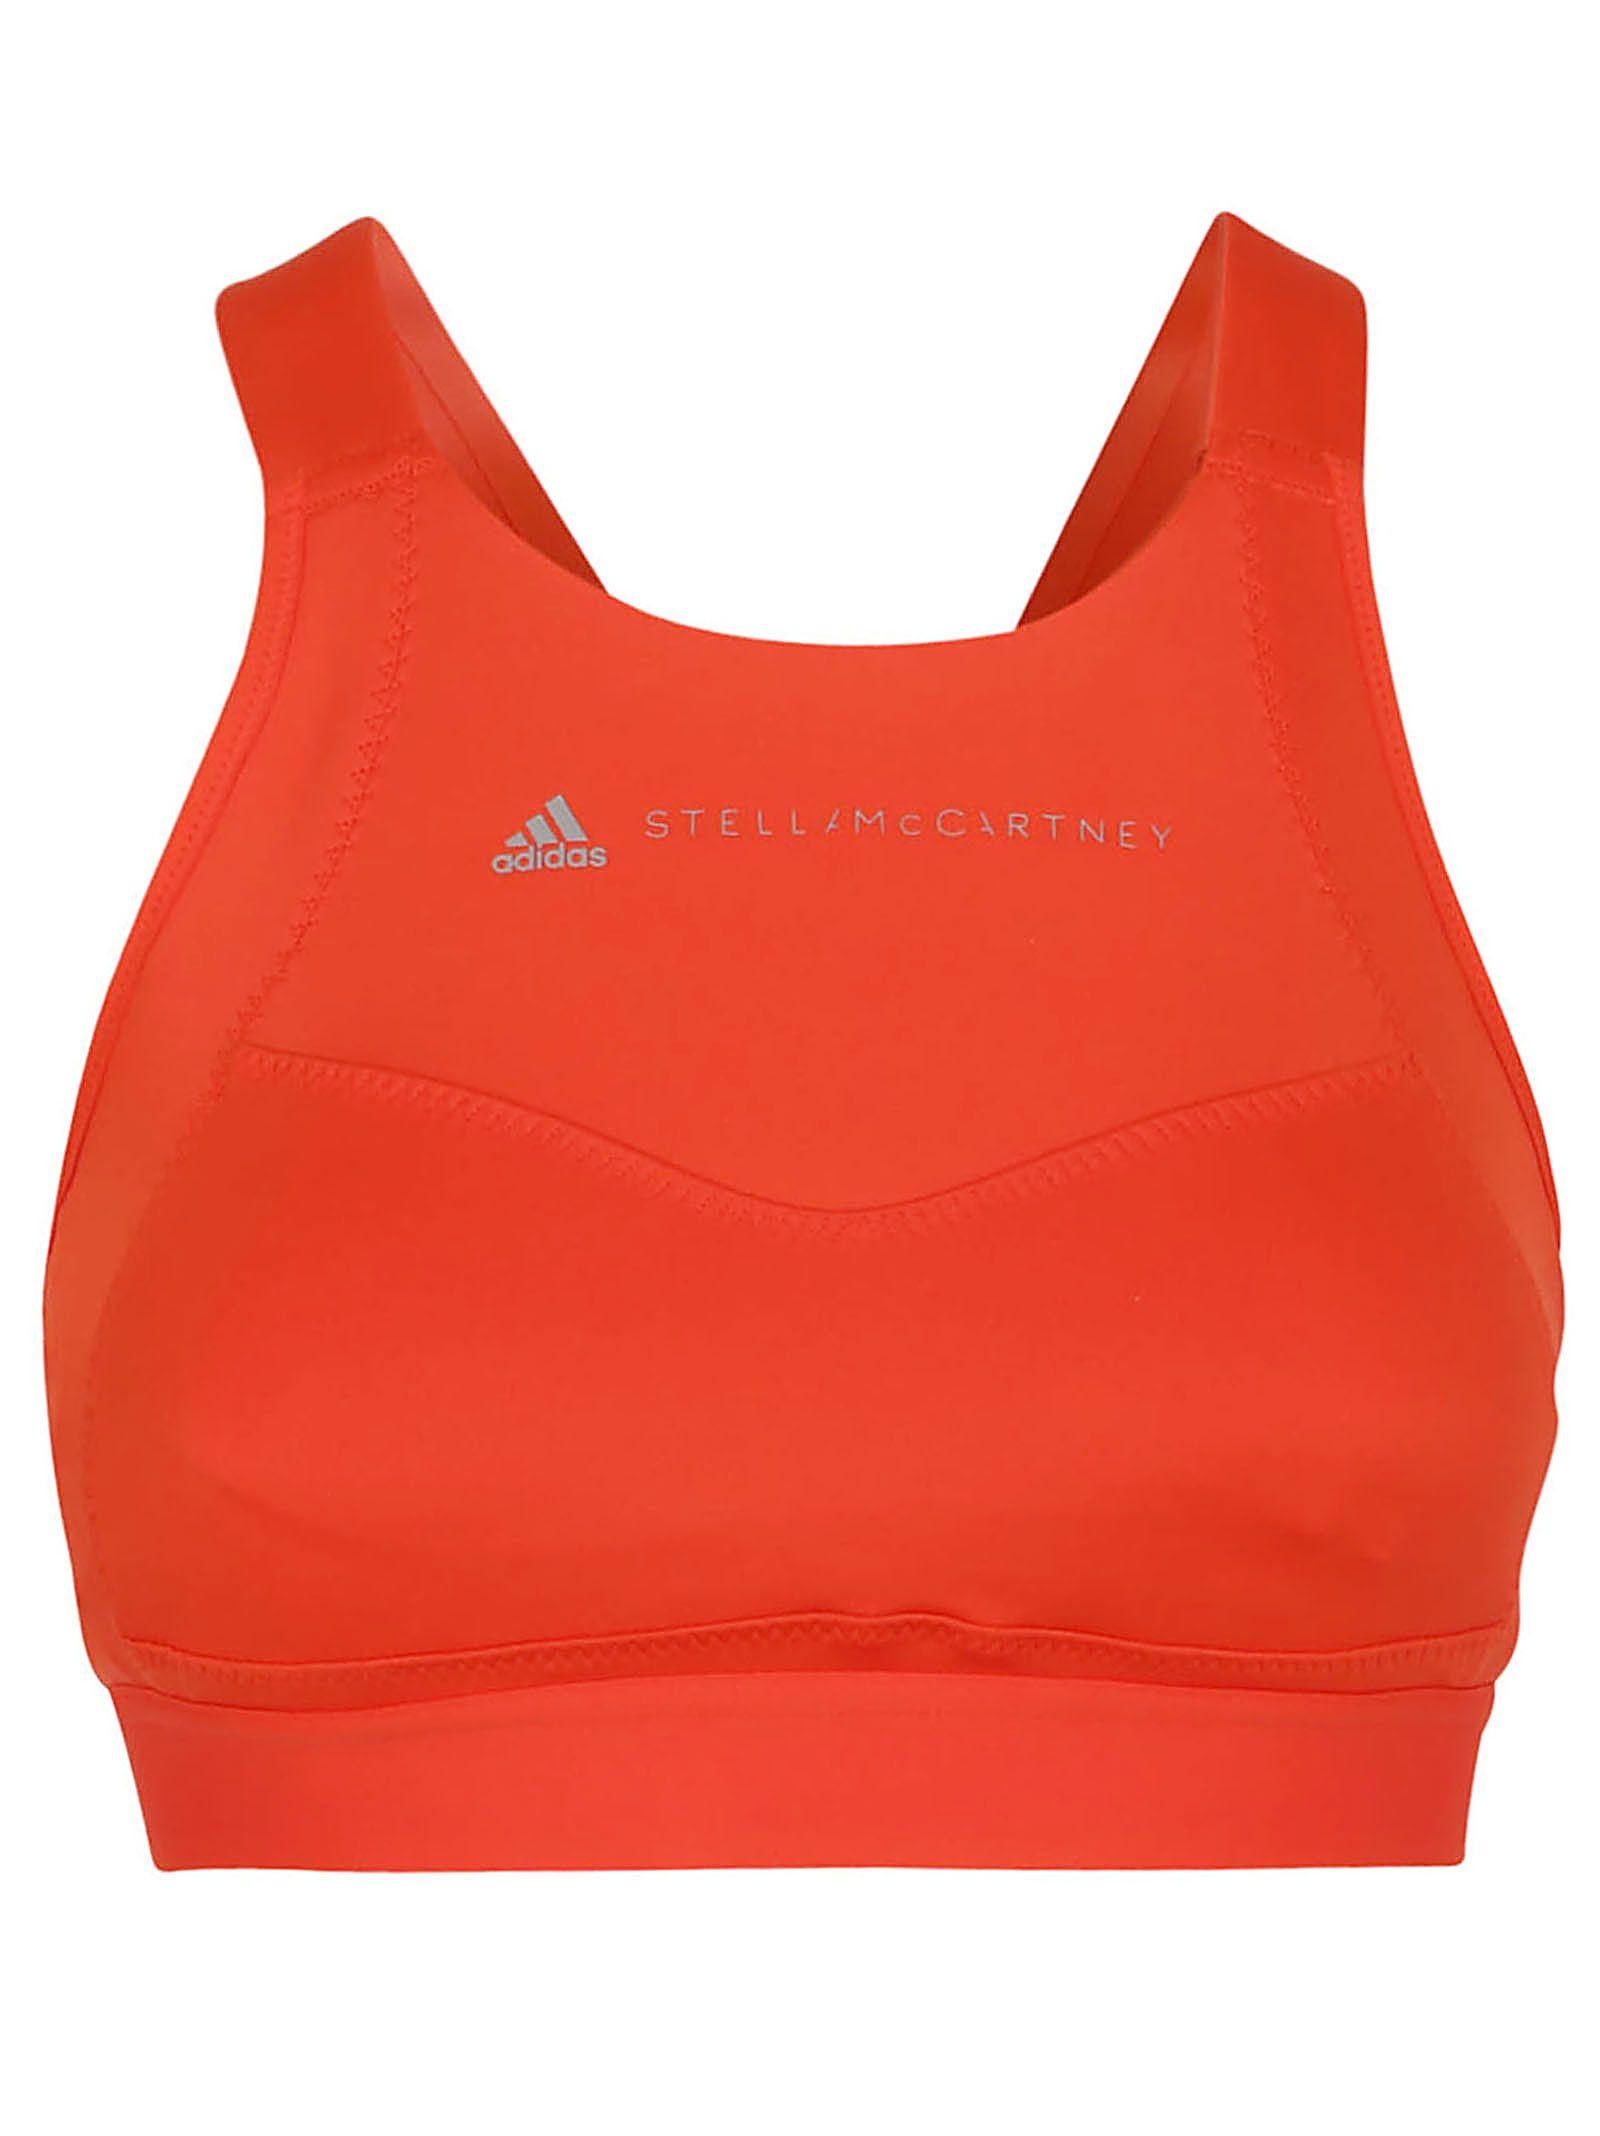 87260b55a9 Adidas by Stella McCartney Adidas By Stella Mccartney Sports Bra ...